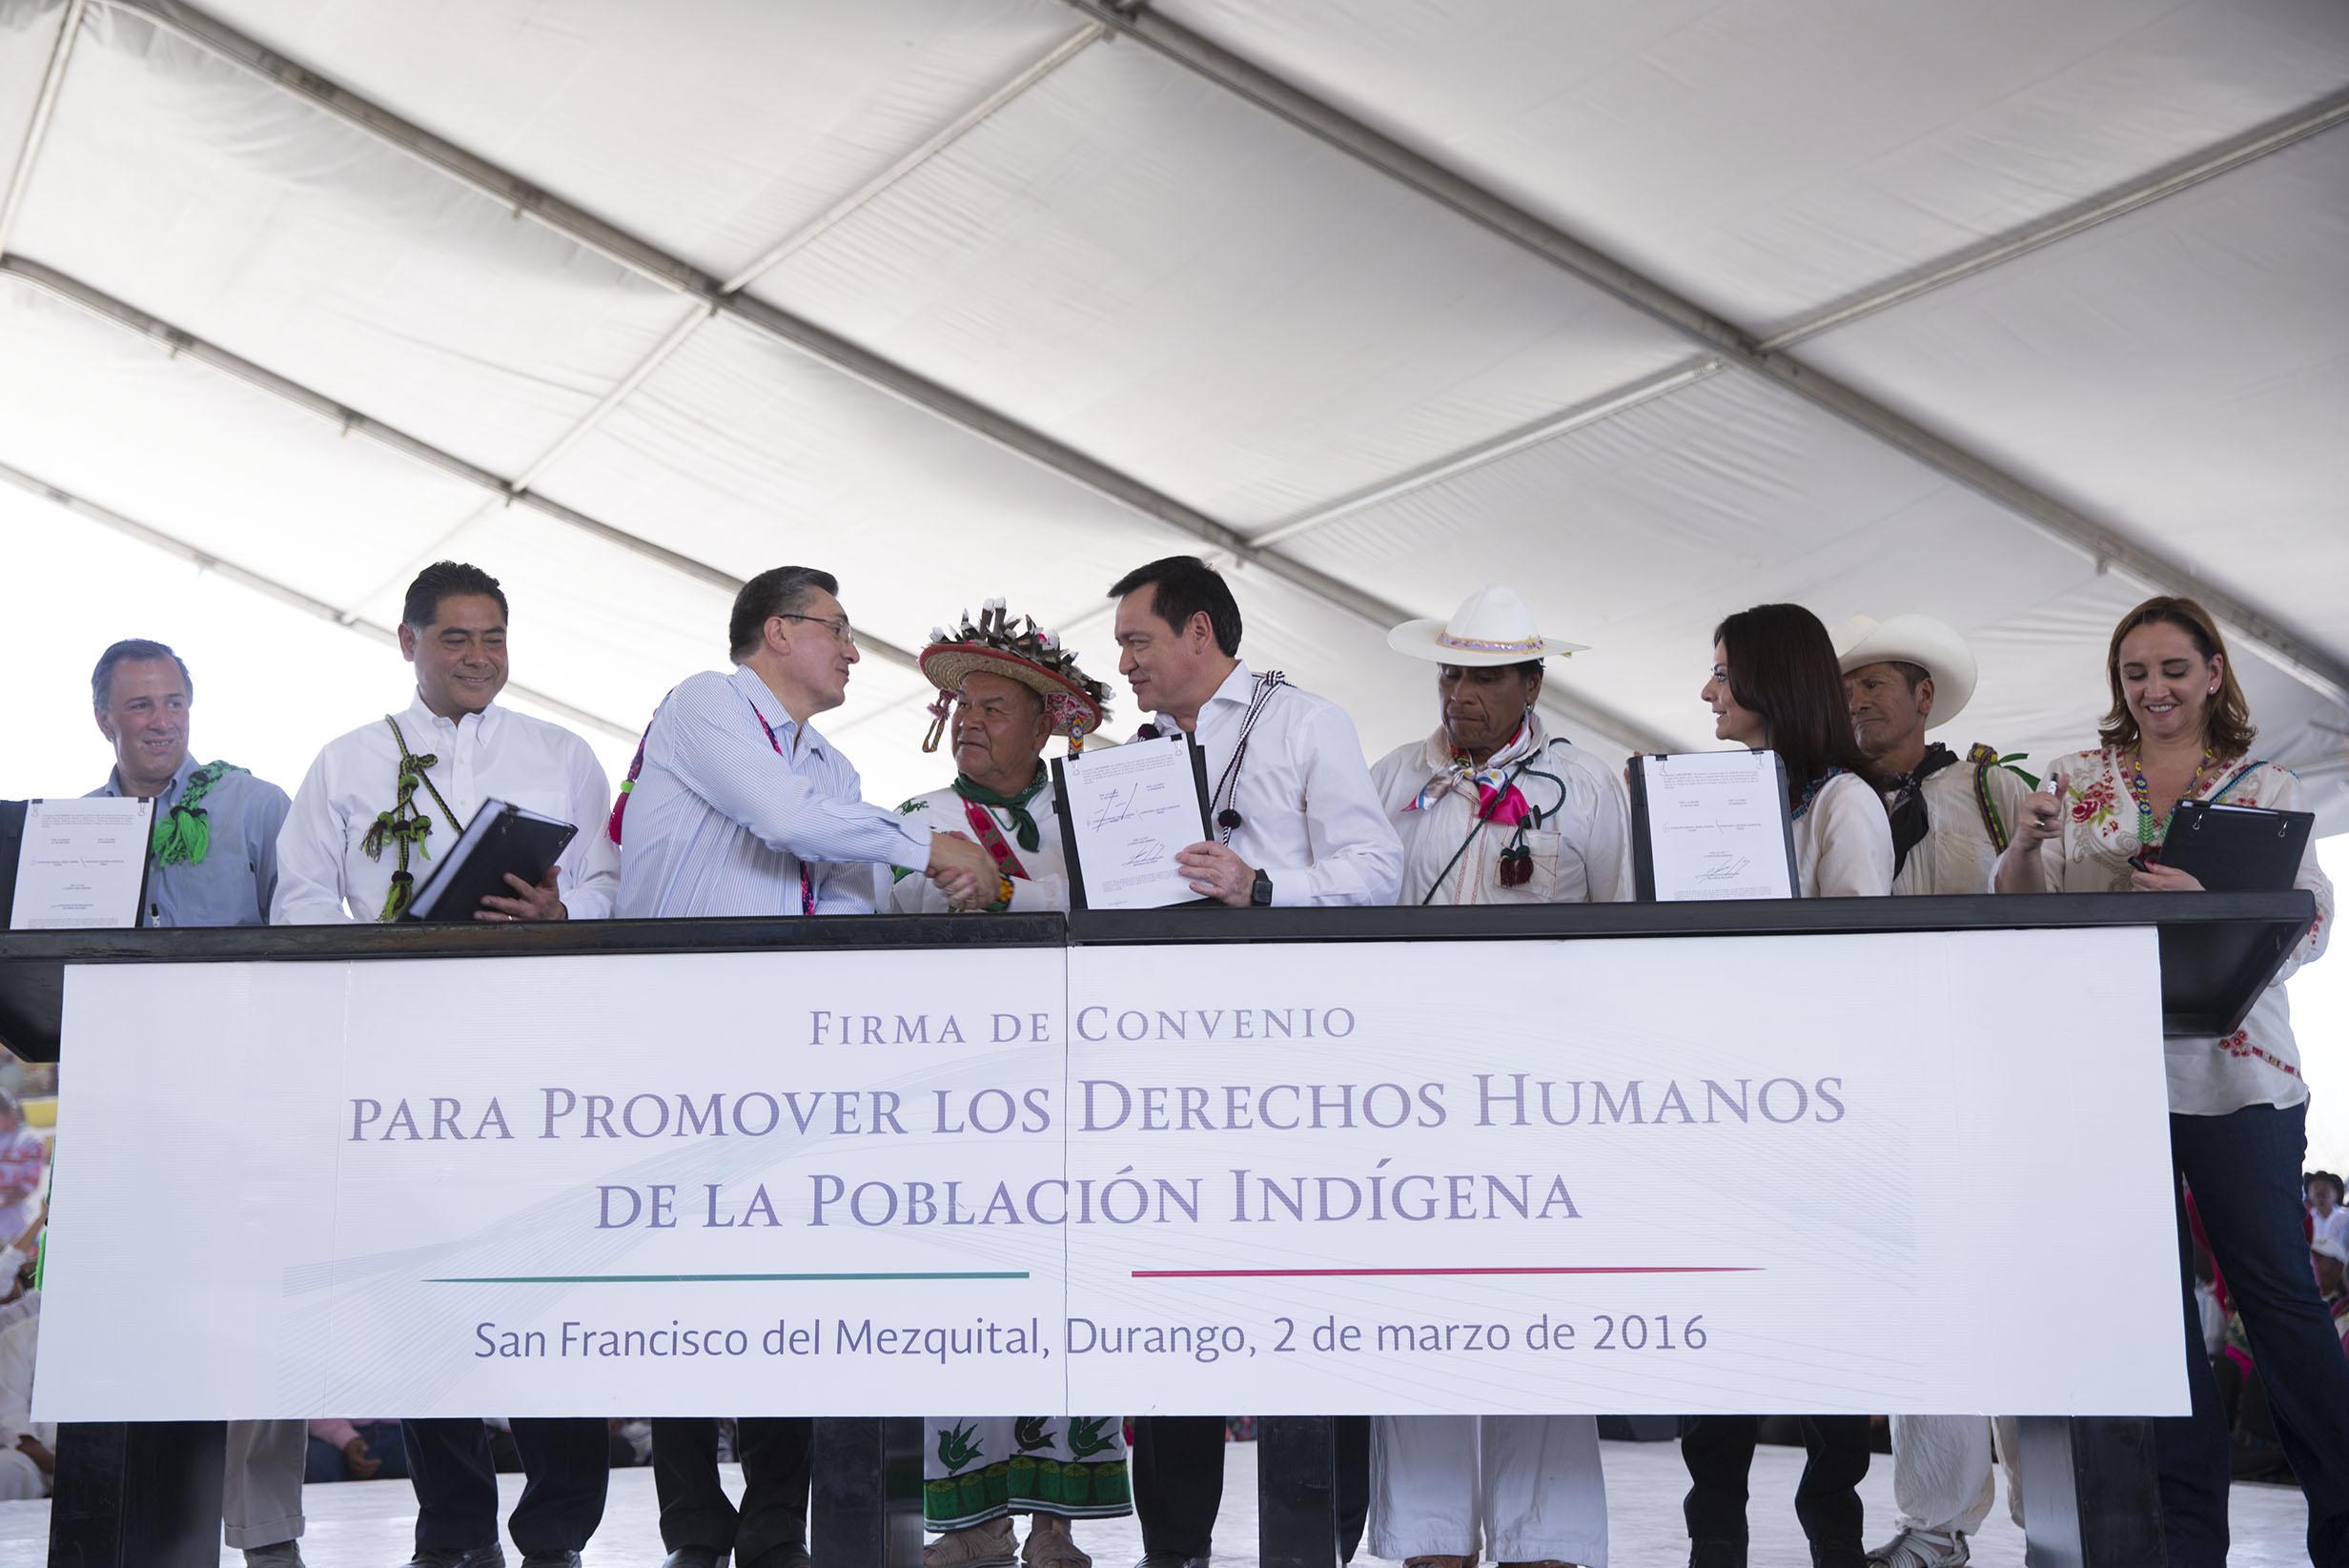 El Gobierno de la República trabaja por la igualdad y la equidad de toda la población para que tengan las mismas oportunidades, afirmó el Secretario de Gobernación, Miguel Ángel Osorio Chong.